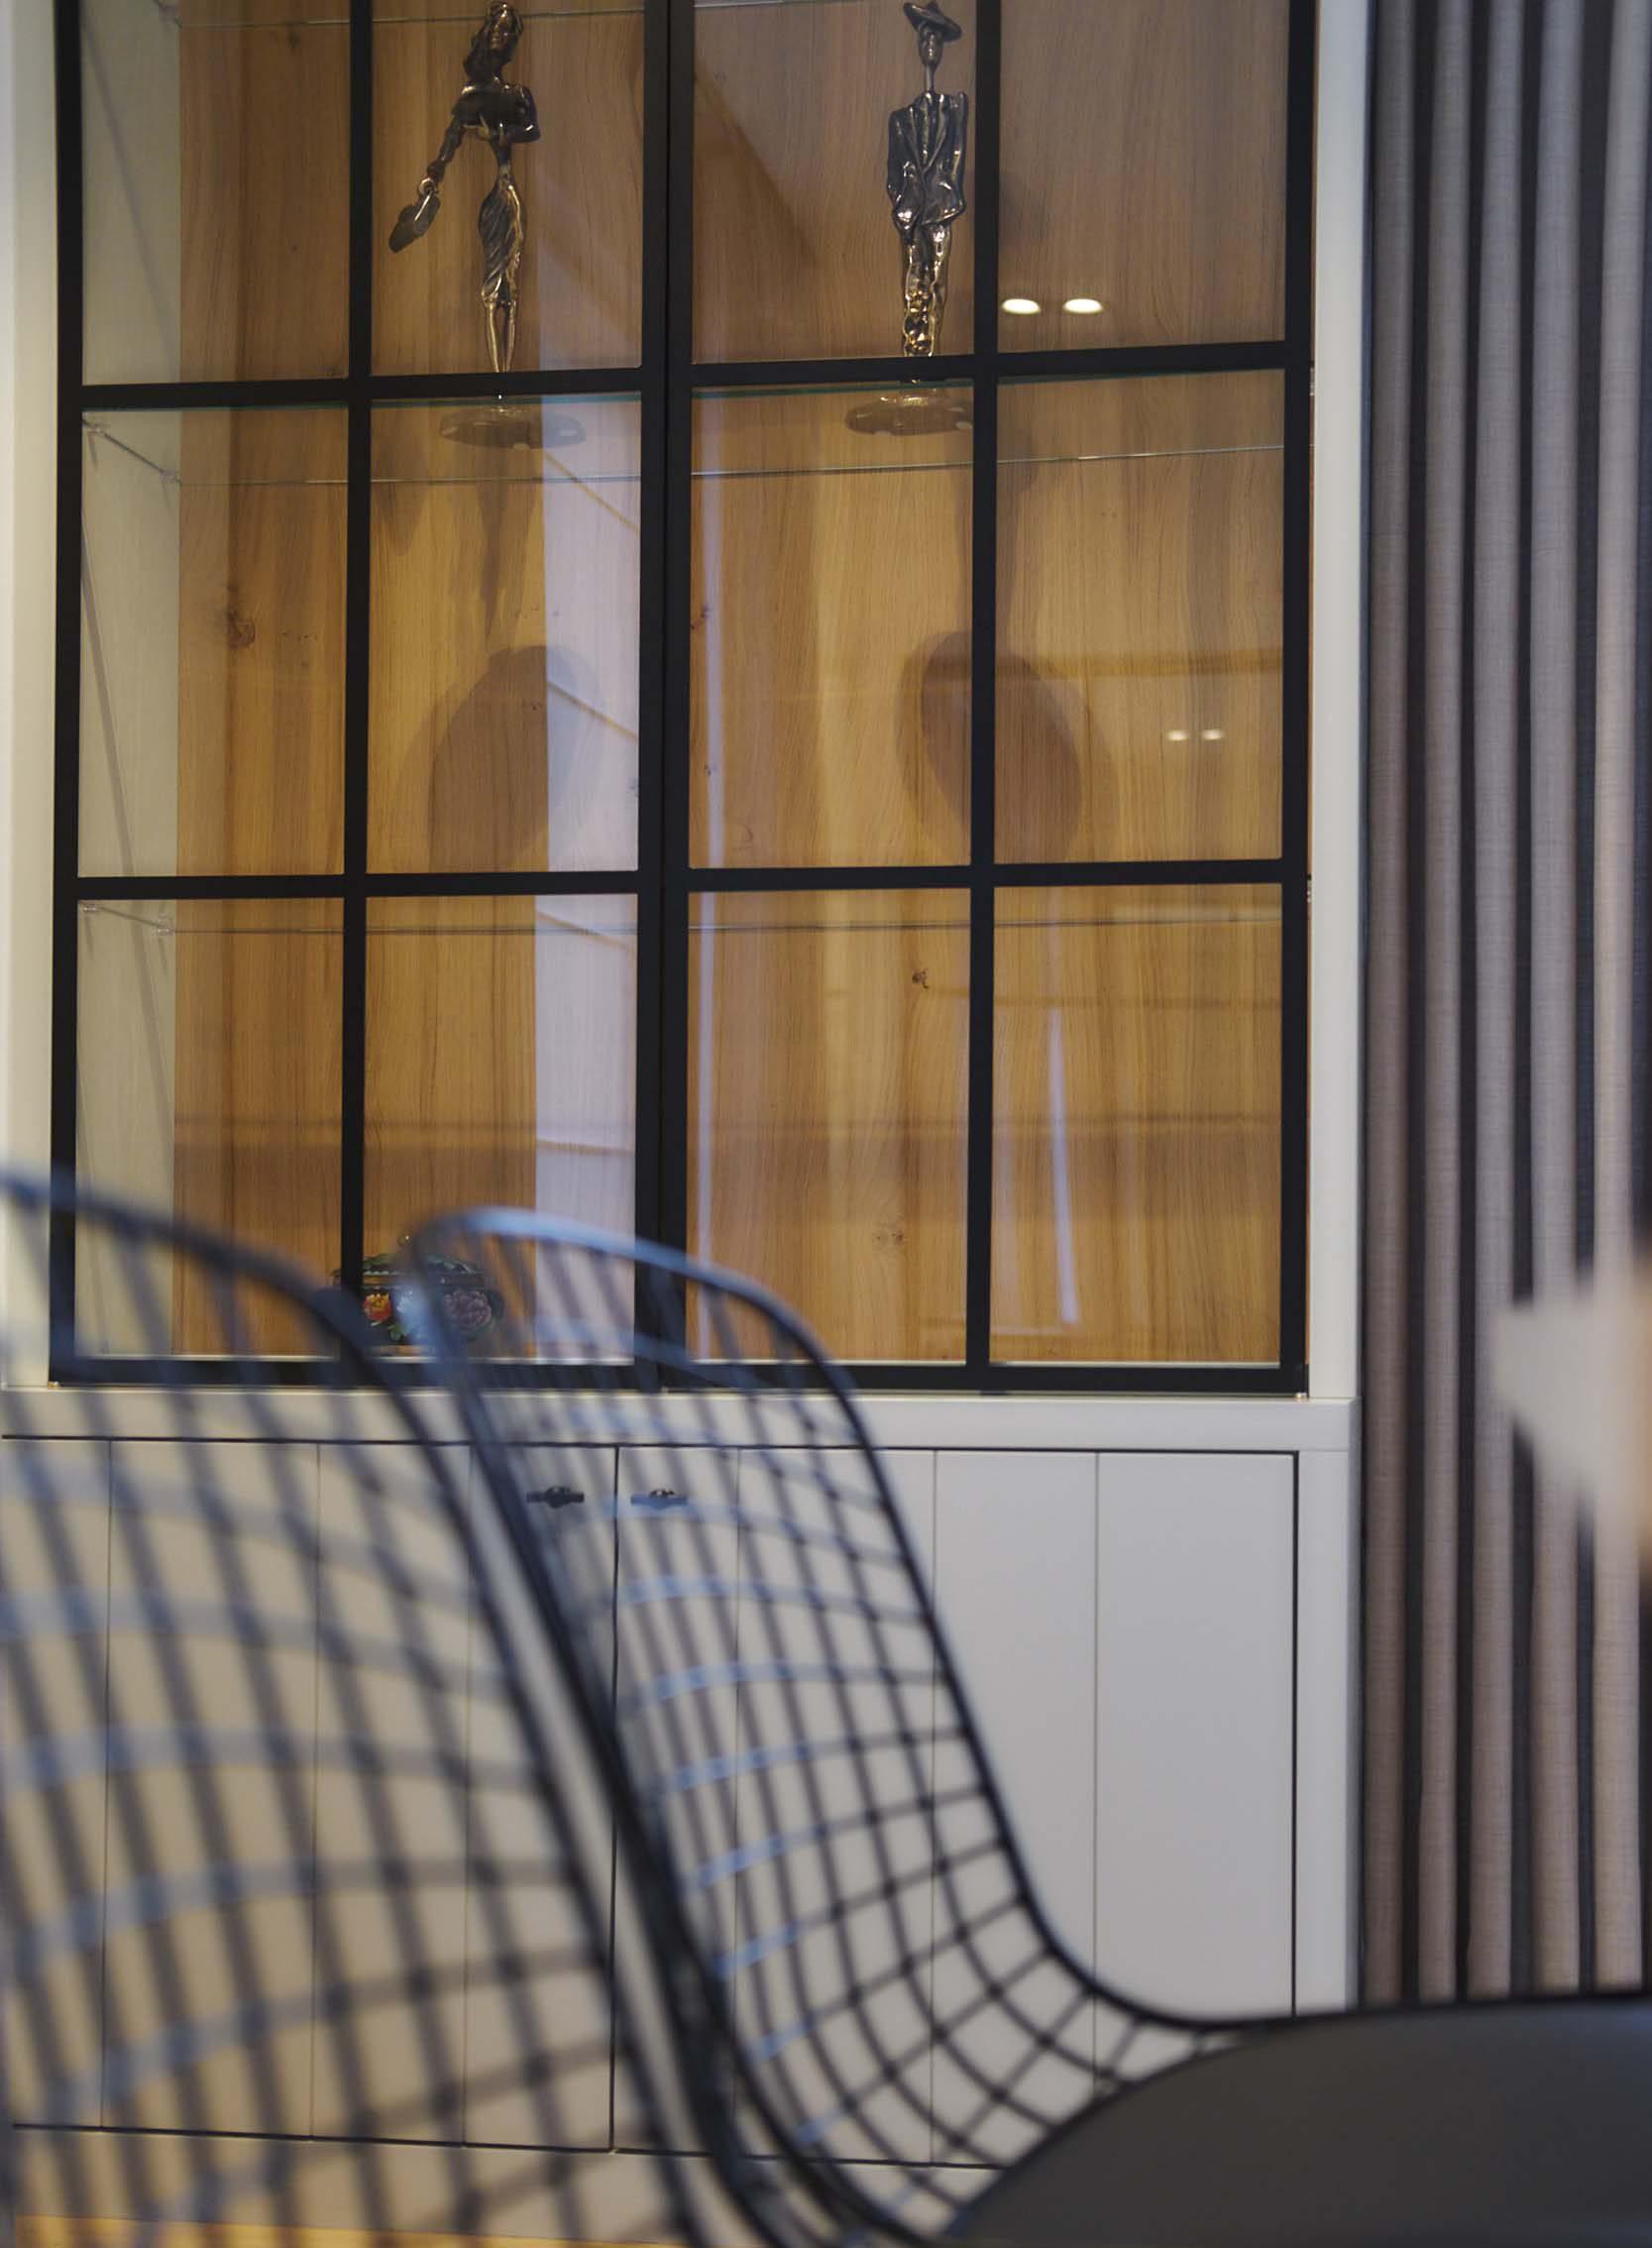 Vanda-projects-interieurinrichting-meubelmakerij-oost-vlaanderen-vilez-glazen-kast